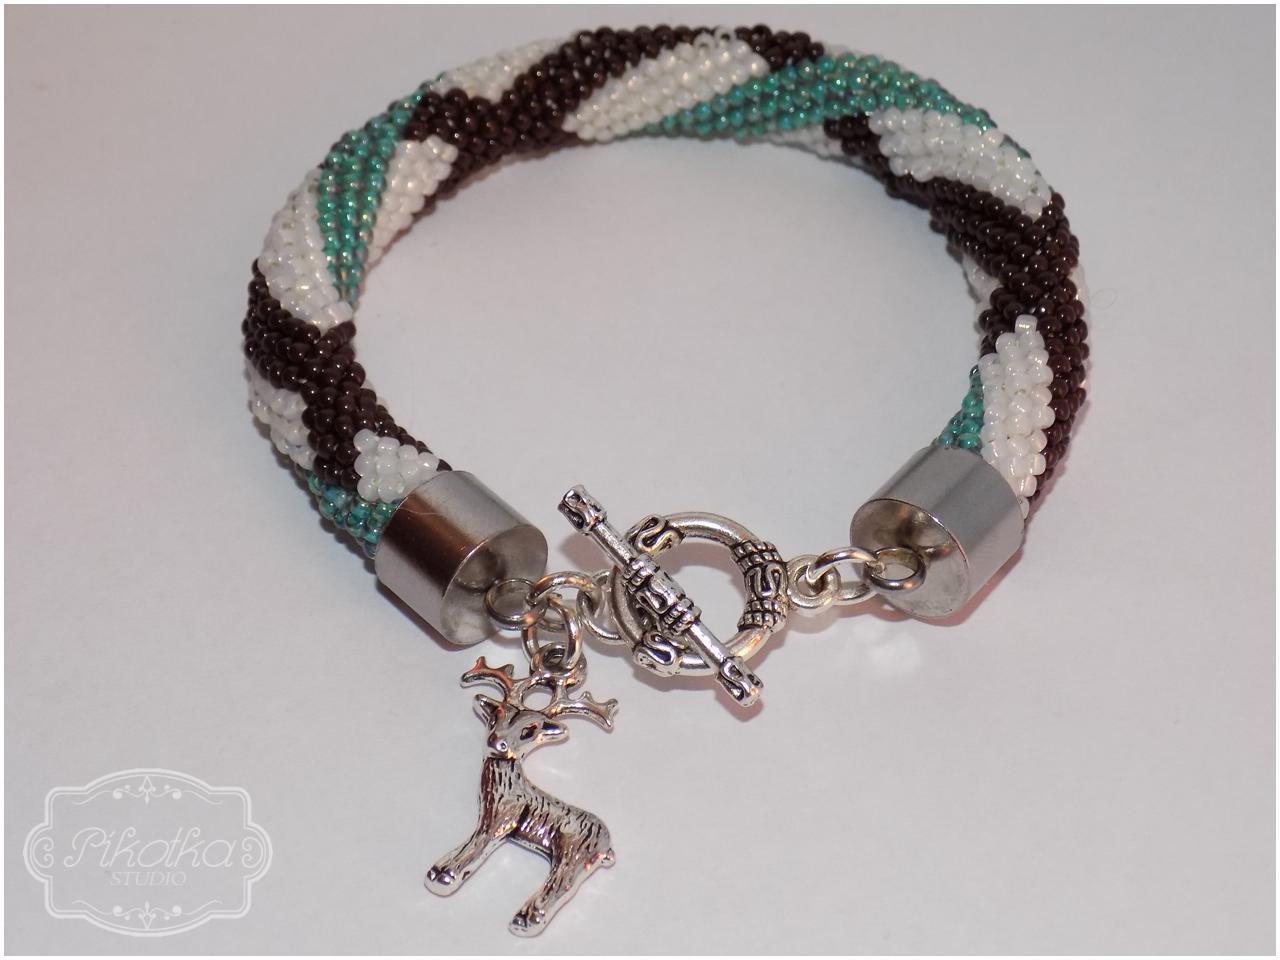 bransoletka, handmade, rękodzieło, crochet bead, sznur szydełkowo-koralikowy, biżuteria, ukośnik, koraliki toho, toho round, toho beads,